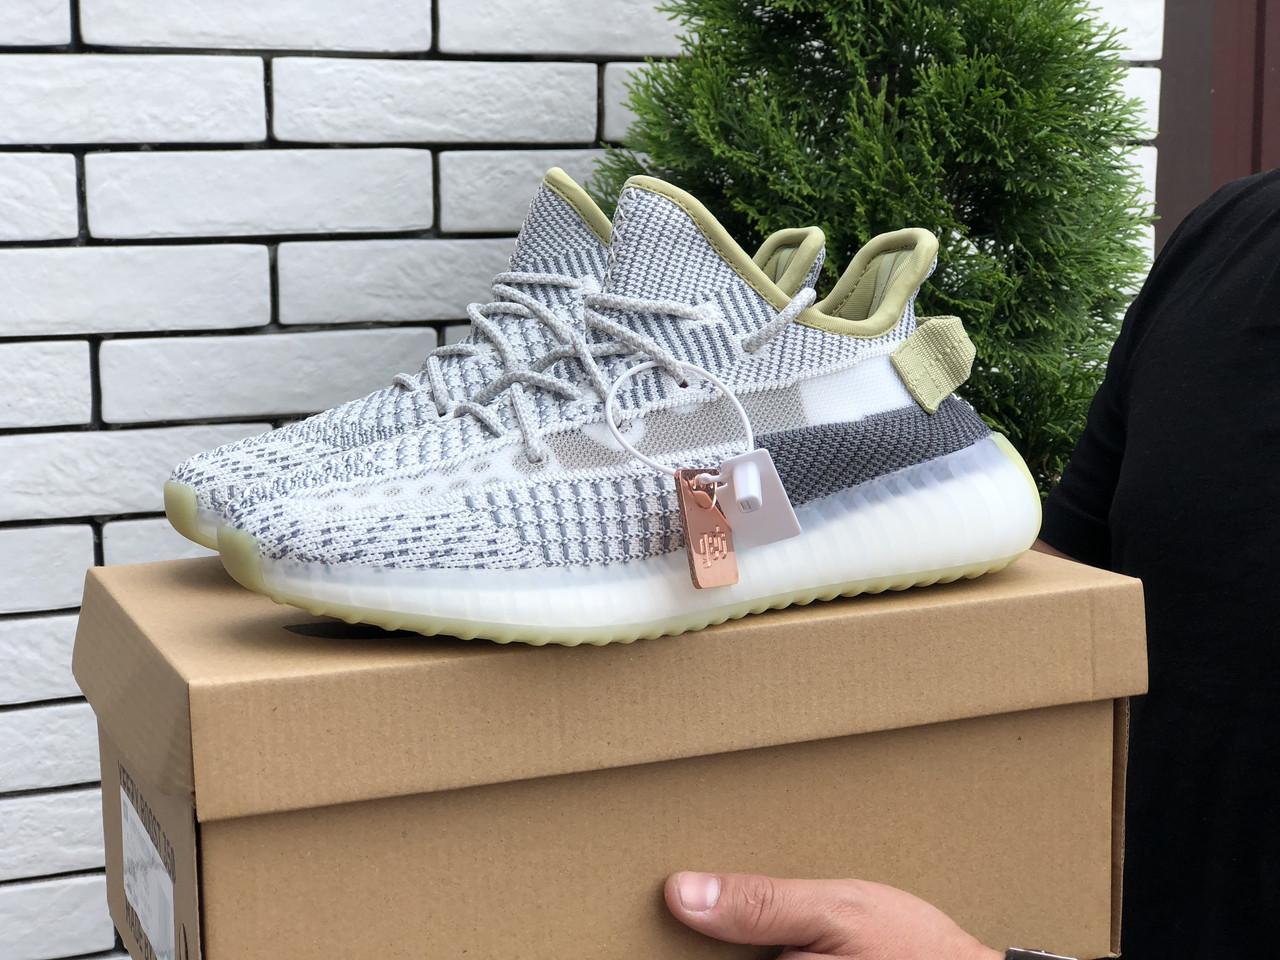 Мужские кроссовки Adidas Yeezy Boost 350 v2 Lime/gray. [Размеры в наличии: 41,42,43,44,45,46]